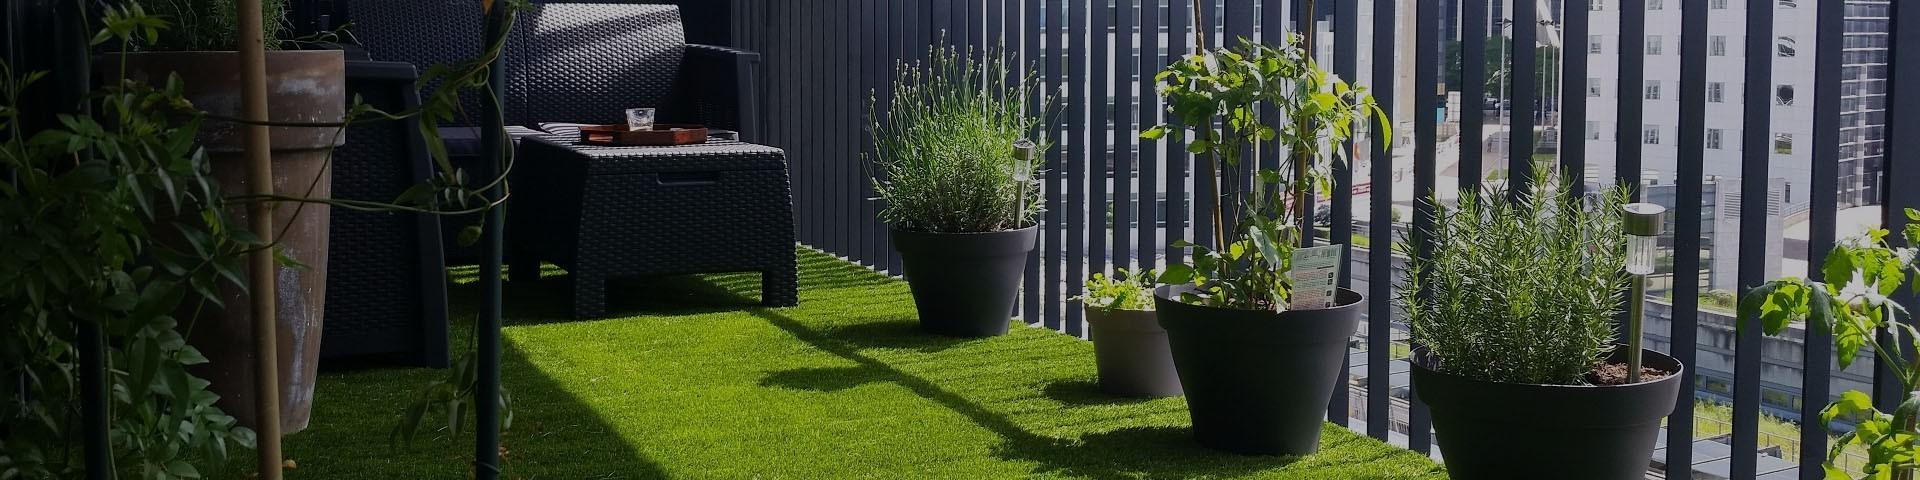 Achat de gazon synthétique pour terrasse, toit-terrasse et balcon